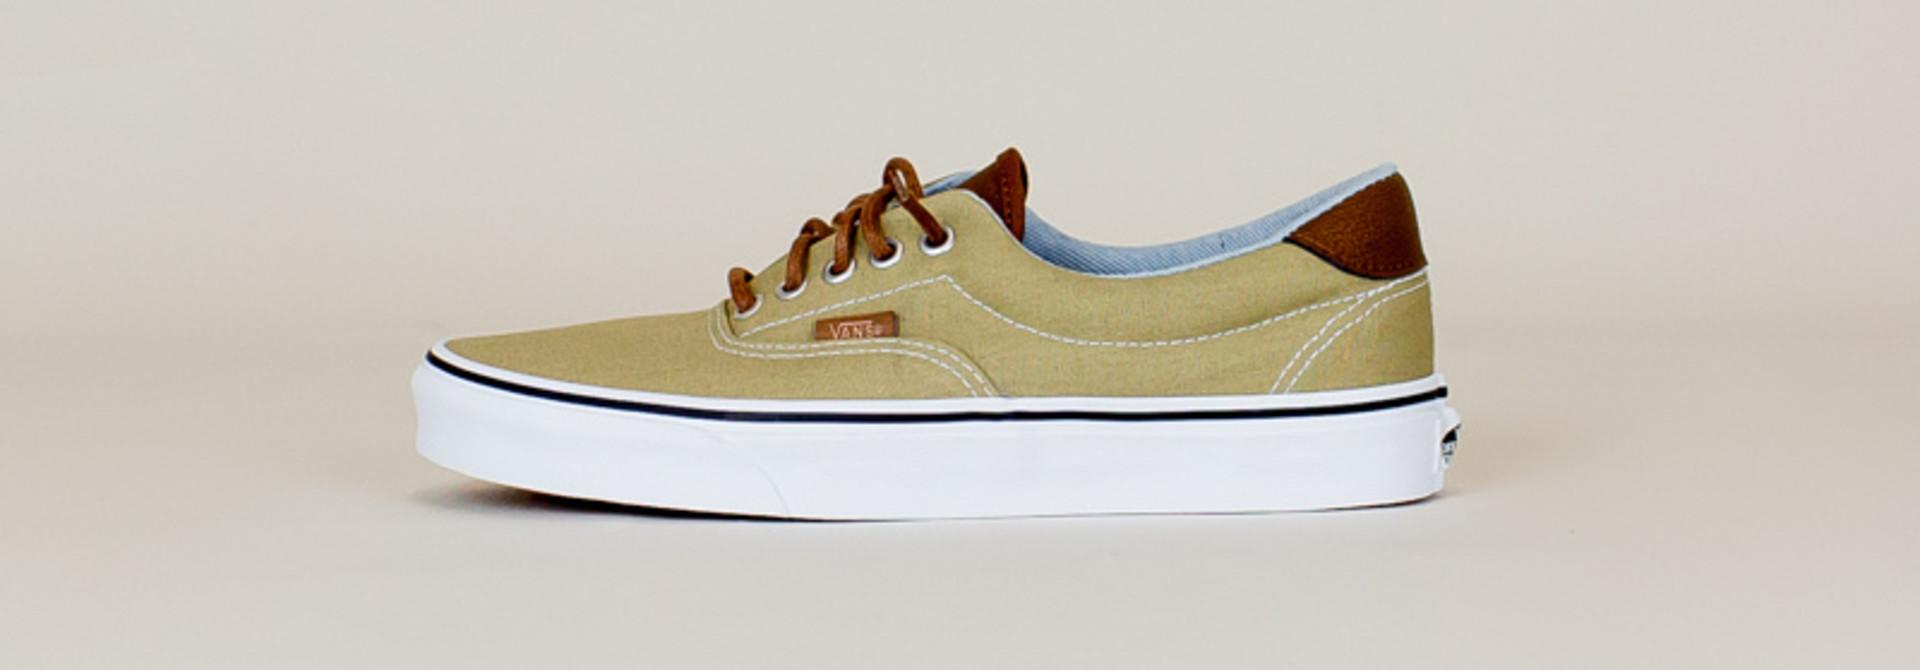 Vans C&L Era 59 - Brown